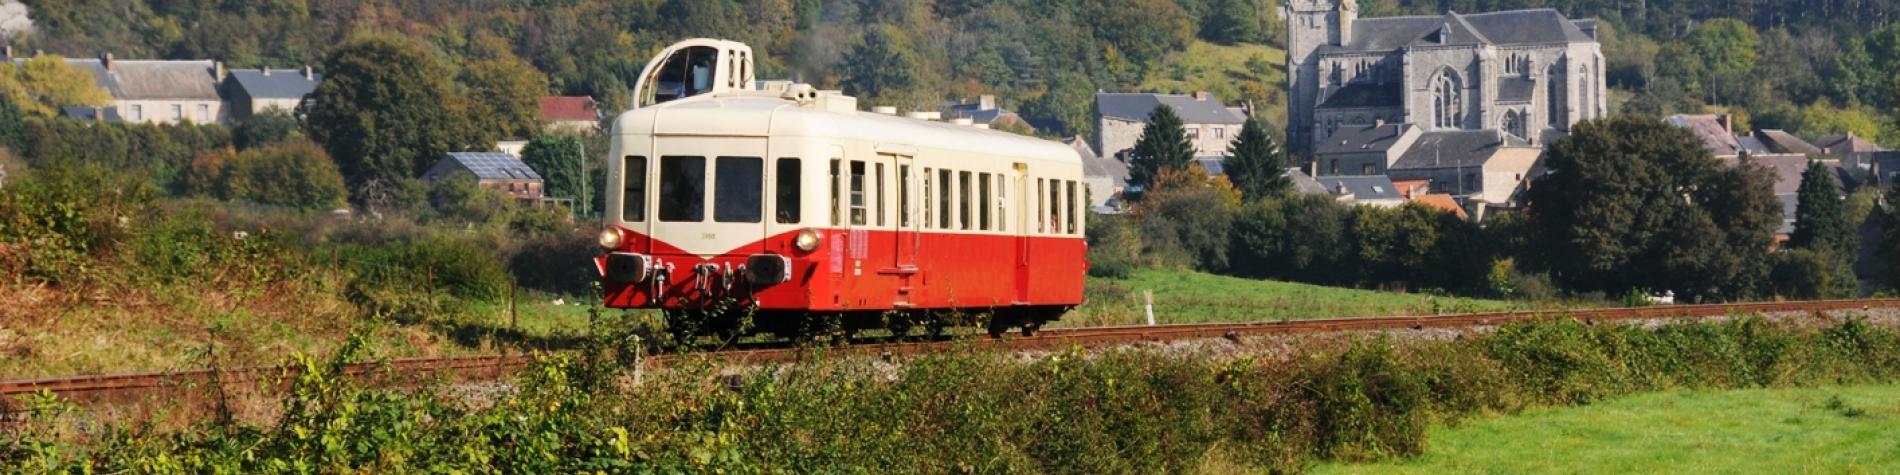 Chemin de fer à vapeur 3 vallées - Autorail - Treignes